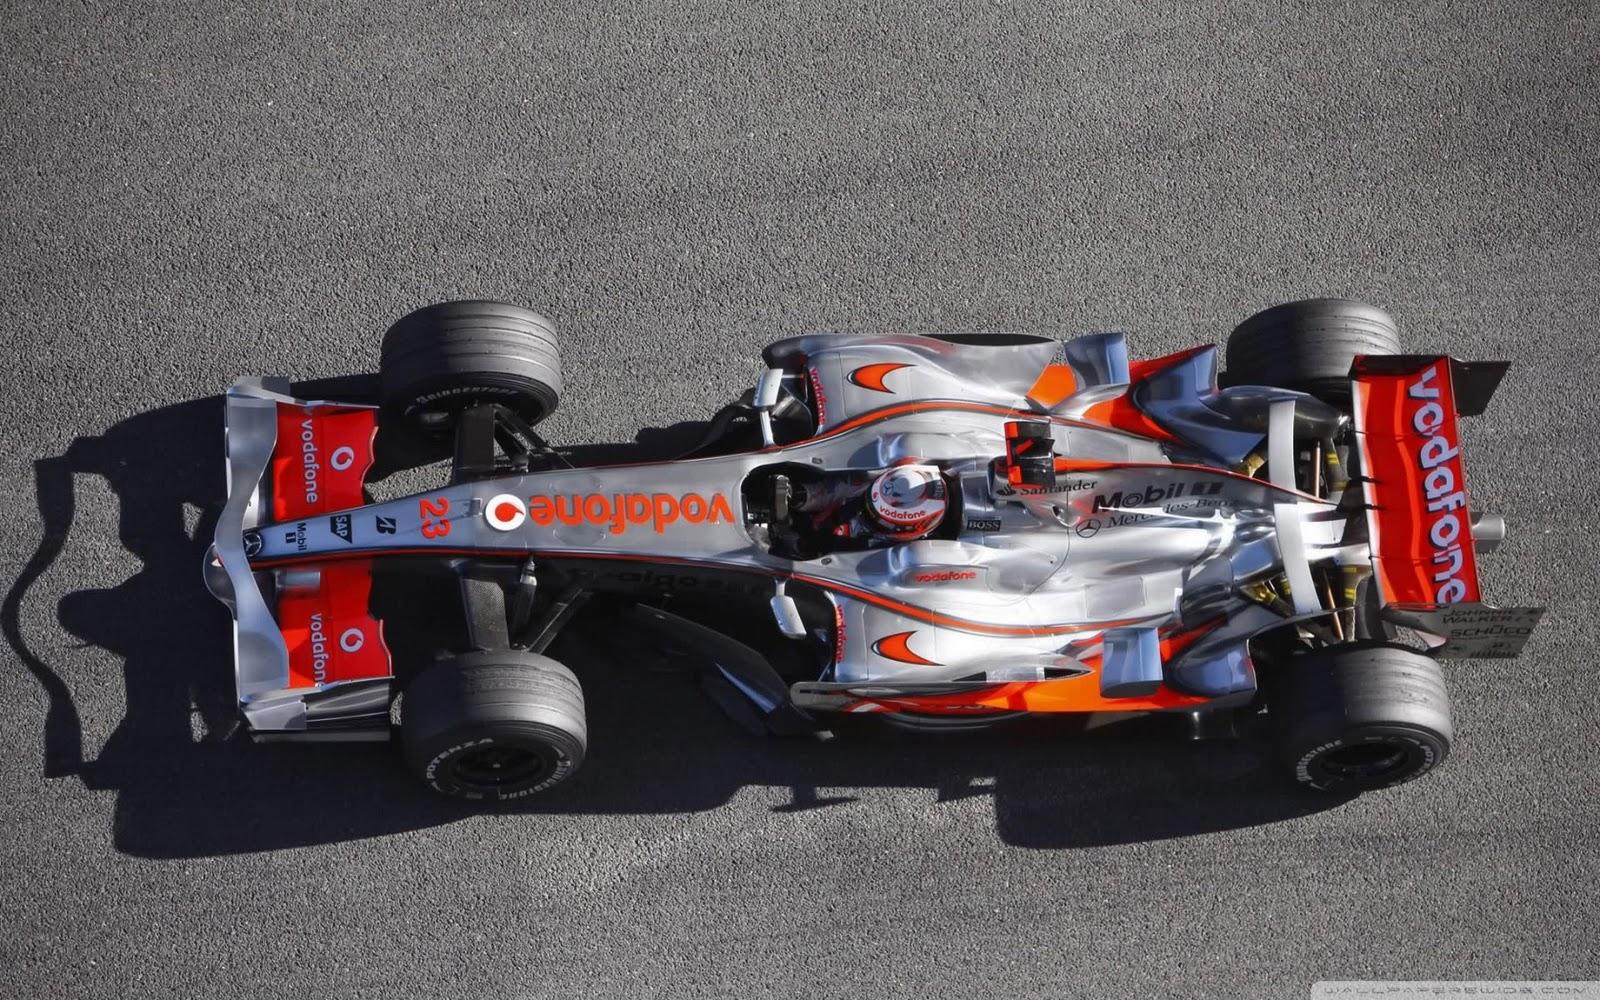 http://1.bp.blogspot.com/_RAlP3BmEW1Q/TQNenZPVAEI/AAAAAAAABGc/o5BIZSXua8M/s1600/Formule-1-achtergronden-formule-1-wallpapers-14.jpg